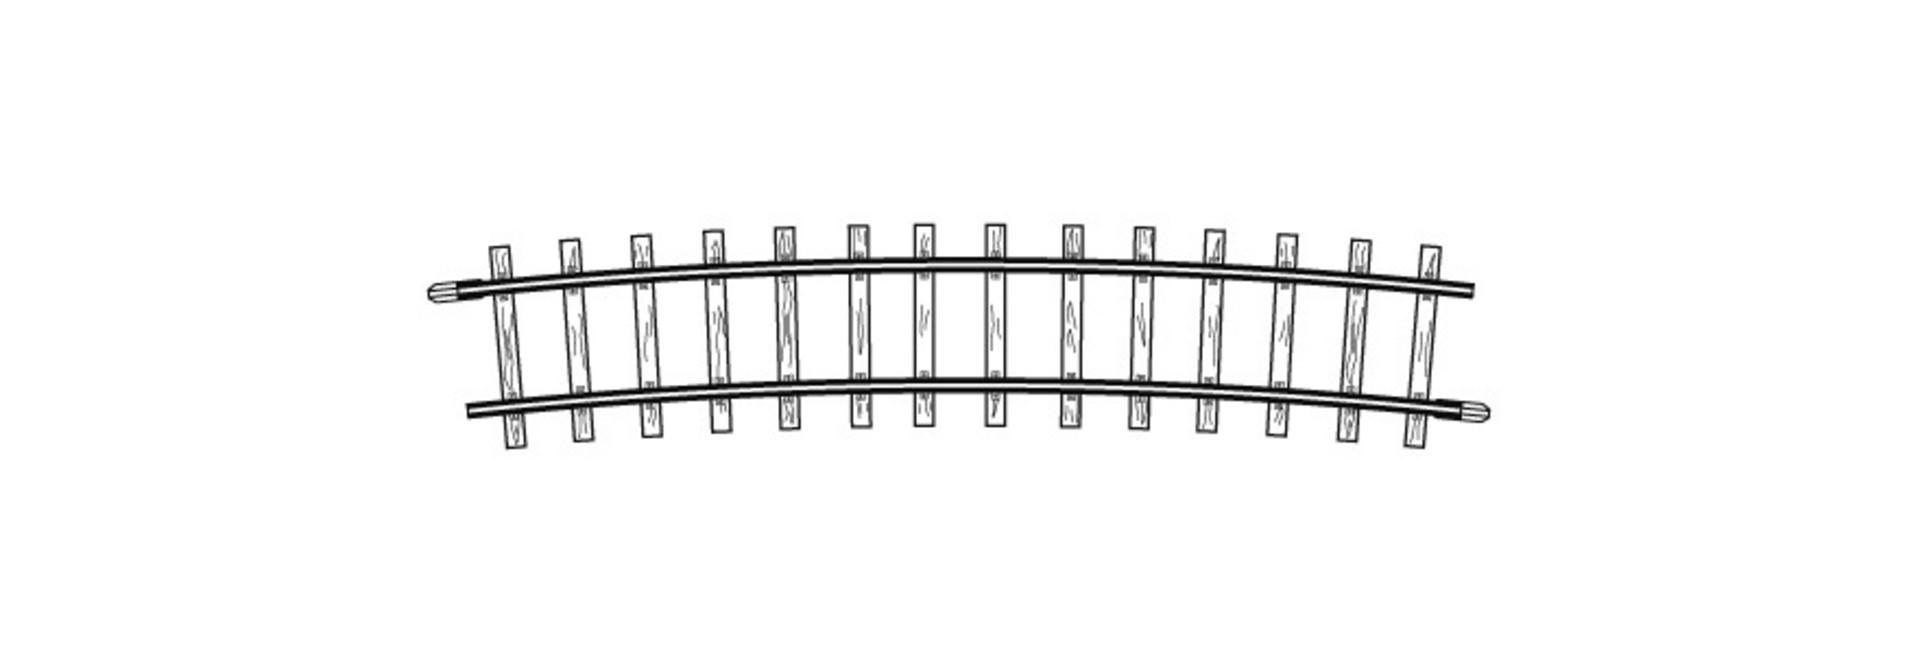 4275000 H0m gebogenes Gleis, R 515 mm, 12°, VPE 10 Stck.